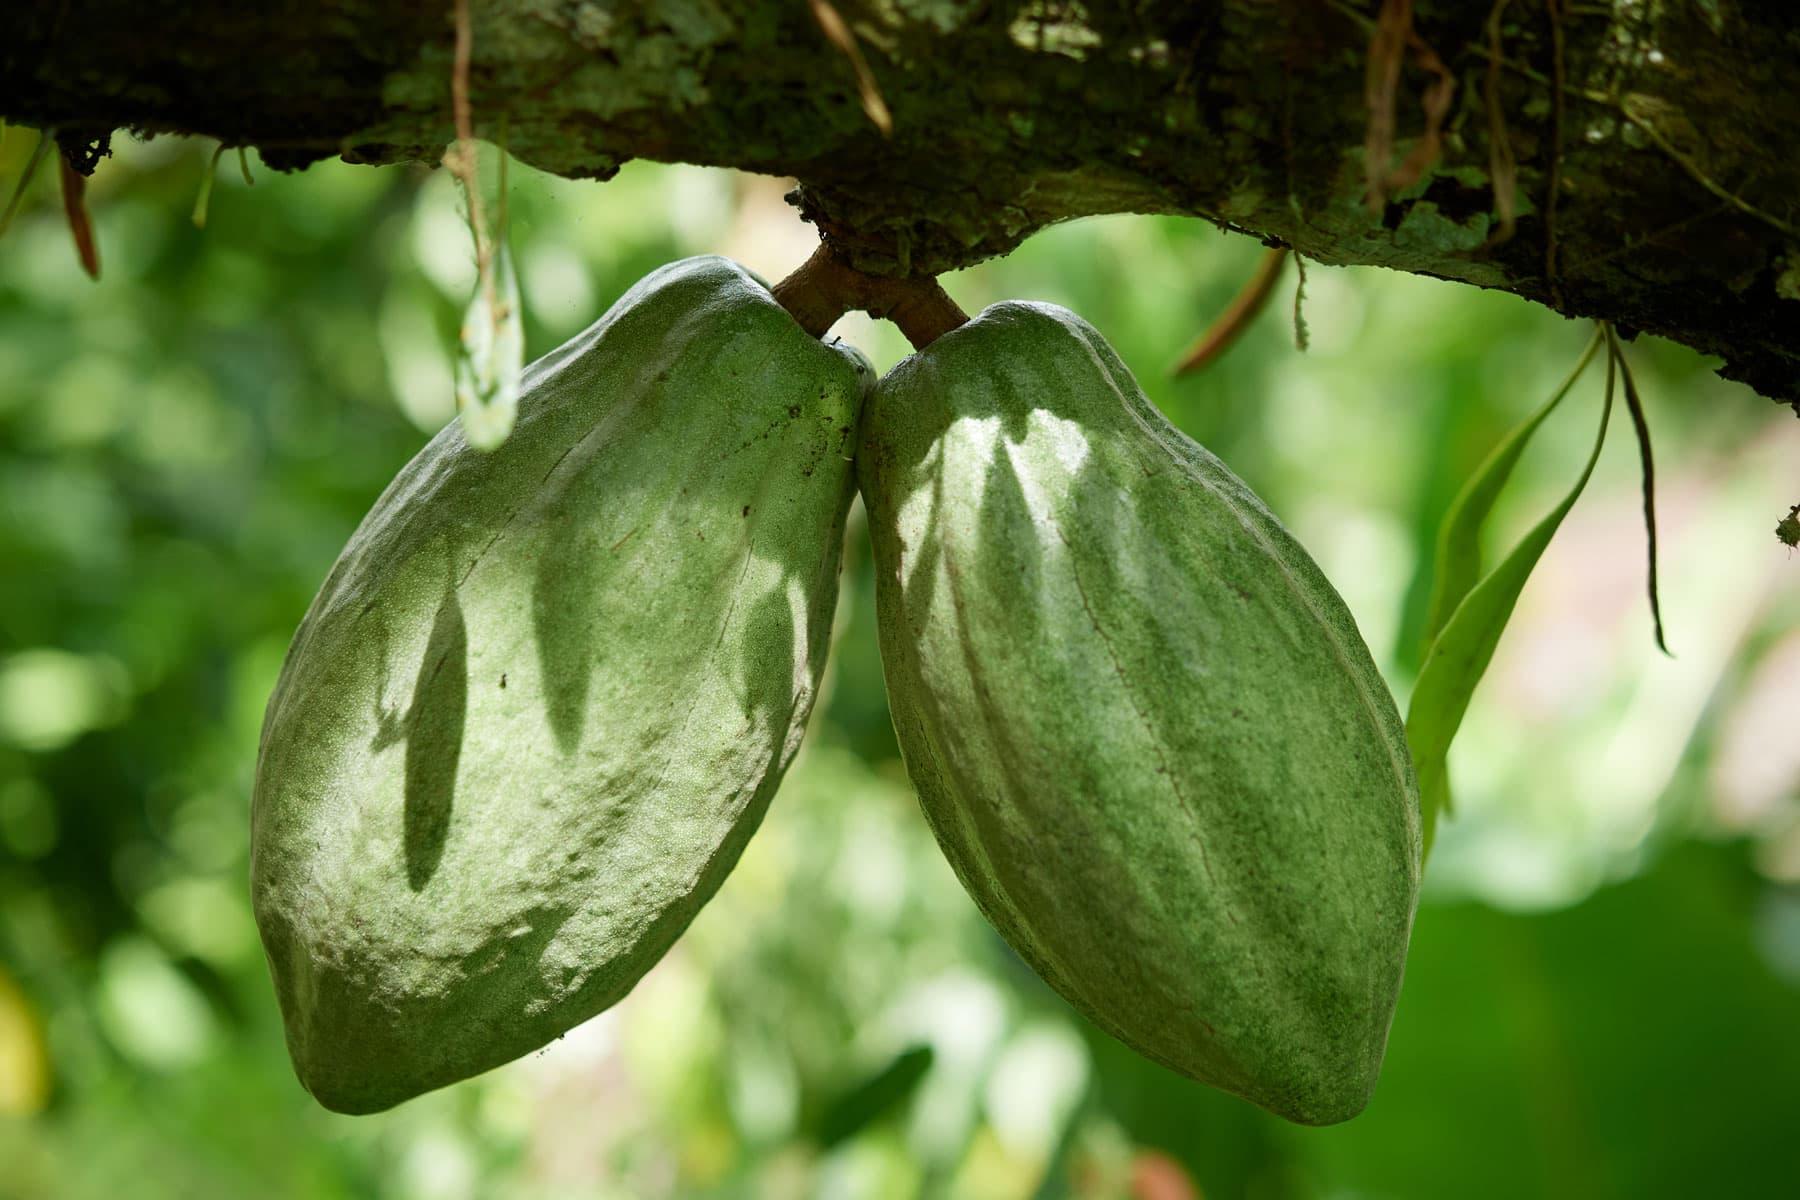 Foto von zwei grünen Kakaofrüchten am Ast hängend